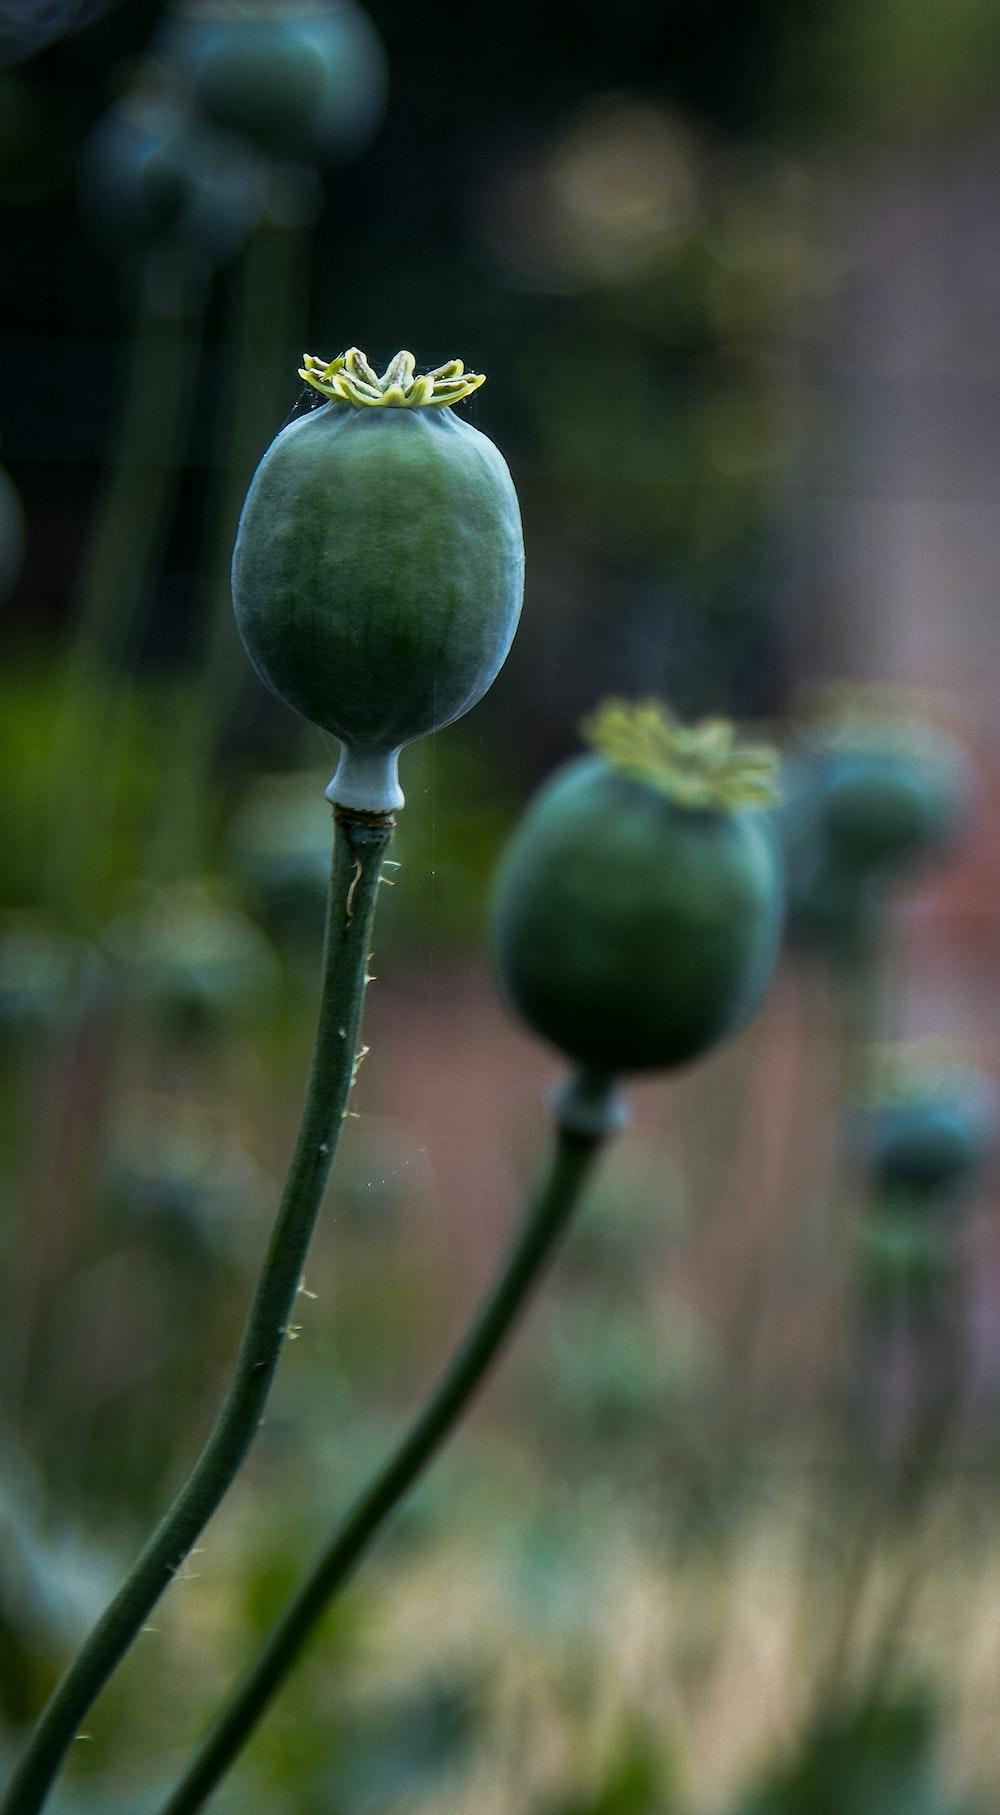 green fruit in tilt shift lens